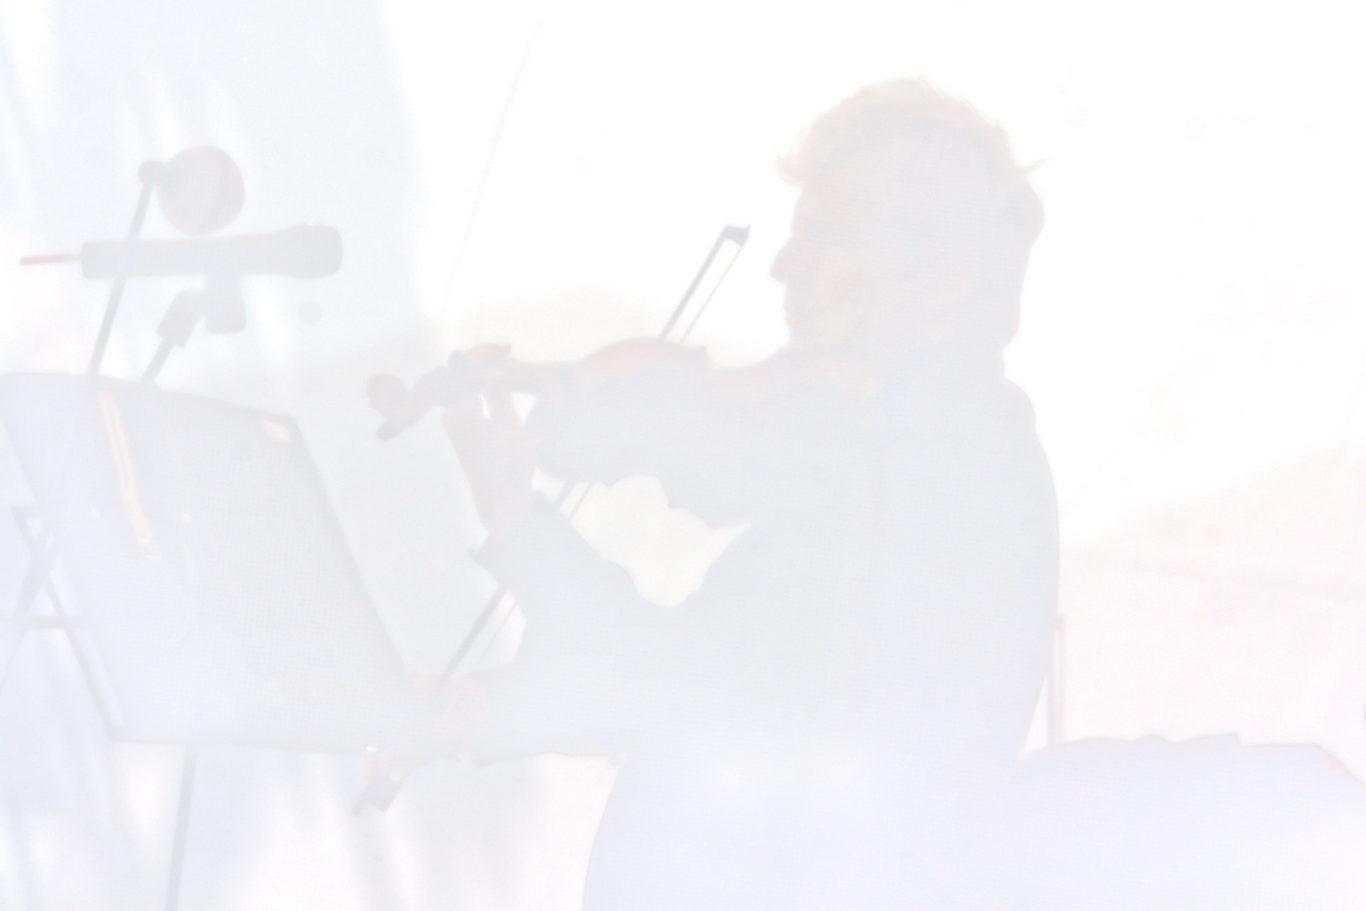 """Standing ovation per Uto Ughi a Castelluccio di Norcia Il maestro insieme ai Filarmonici di Roma invadono la piana di Castelluccio di Norcia con le loro melodie.  E' stato un successo di pubblico il concerto del maestro Uto Ughi nel pian grande di Castelluccio. Circa 2000 persone hanno circondato il palco montato ai piedi della cittadella che regna sulla valle del pian grande di Norcia. Laura Musella, direttore artistico del festival """"Assisi nel mondo"""" che ha permesso la realizzazione dell' evento,  la prima a salire sul palco per ringraziare tutta l'organizzazione e ricordare al pubblico il progetto """"Omaggio all'umbria"""" nel quale si  impegnato anche questo anno il festival. Come ogni anno il festival prosegue il progetto dell'Unicef """"Schools for Africa"""" al quale  stato dedicato anche questo anno l'intere kermesse. E' stata poi la volta di Uto Ughi a salire sul palco che con il suo sorriso e la sua tranquillitˆ ha dato il via al concerto. Prima di ogni esecuzione in maniera molto semplice ha spiegato al pubblico la melodia che si accingeva a eseguire. Il suono del violino e del resto dell'orhcestra che accompagnava Ughi si perfettamente fusa con il suono del vento che soffia nella piana creando un'atmosfera unica. A completare la serie di emozioni il paesaggio unico della piana e del monte vettore che la sovrasta. La manifestazione ha sottolineato l'importanza del luogo per il turismo dimostrando che gli eventi di qualitˆ vengono seguito da un pubblico sempre numeroso.  Esperti di musica e appassionati di montagna hanno quindi trascorso una mattinata piena di emozioni all'insegna della natura e della buona musica. Alcuni seduti, alcuni in piedi, altri sdraiati, hanno avuto il piacere di passare due ore in completo relax sotto un splendido cielo azzurro. Per chi  appassionato di montagna e di musica l'analogia con il festival """"I suoni delle dolomiti"""" non sarˆ sicuramente sfuggita, in attesa di qualche cosa di simile in Umbria, ci accontentiamo di questo evento."""